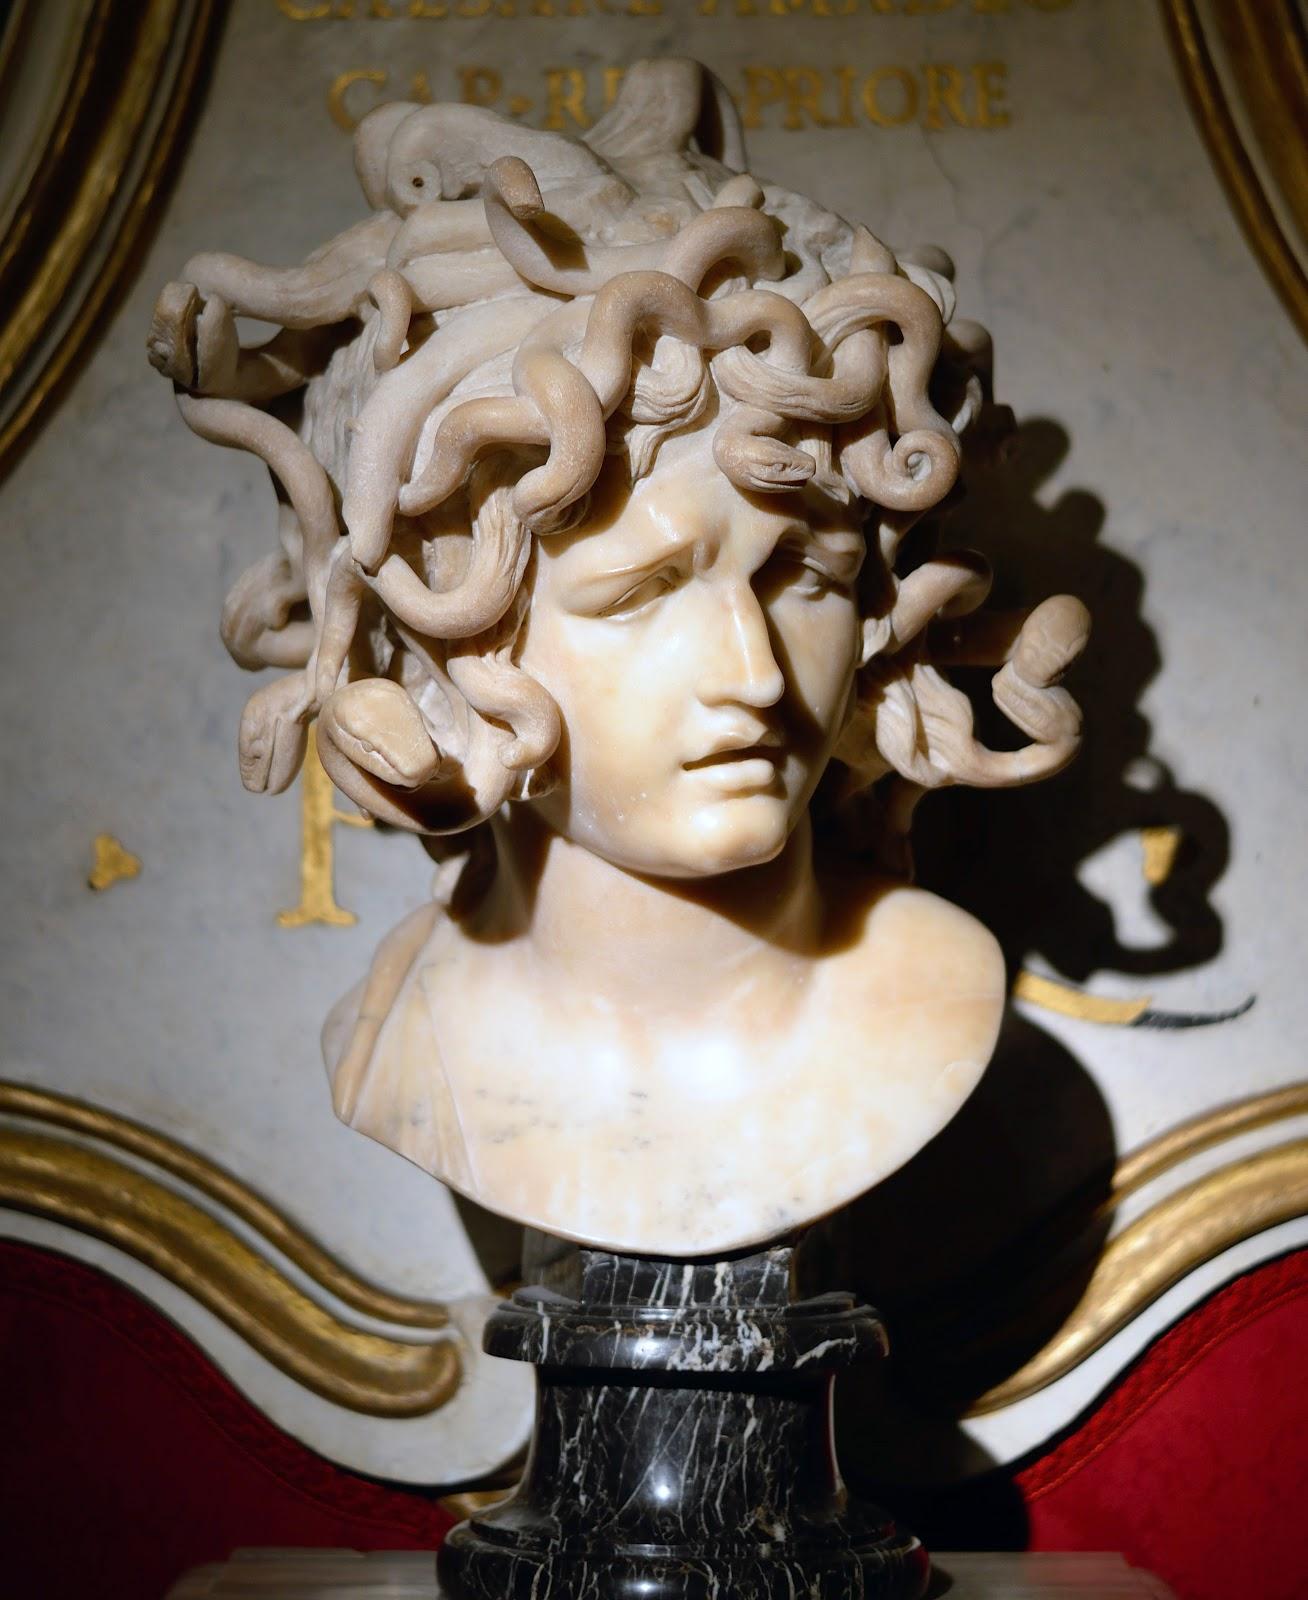 Gian Lorenzo Bernini Baroque Era Sculptor Tutt Art